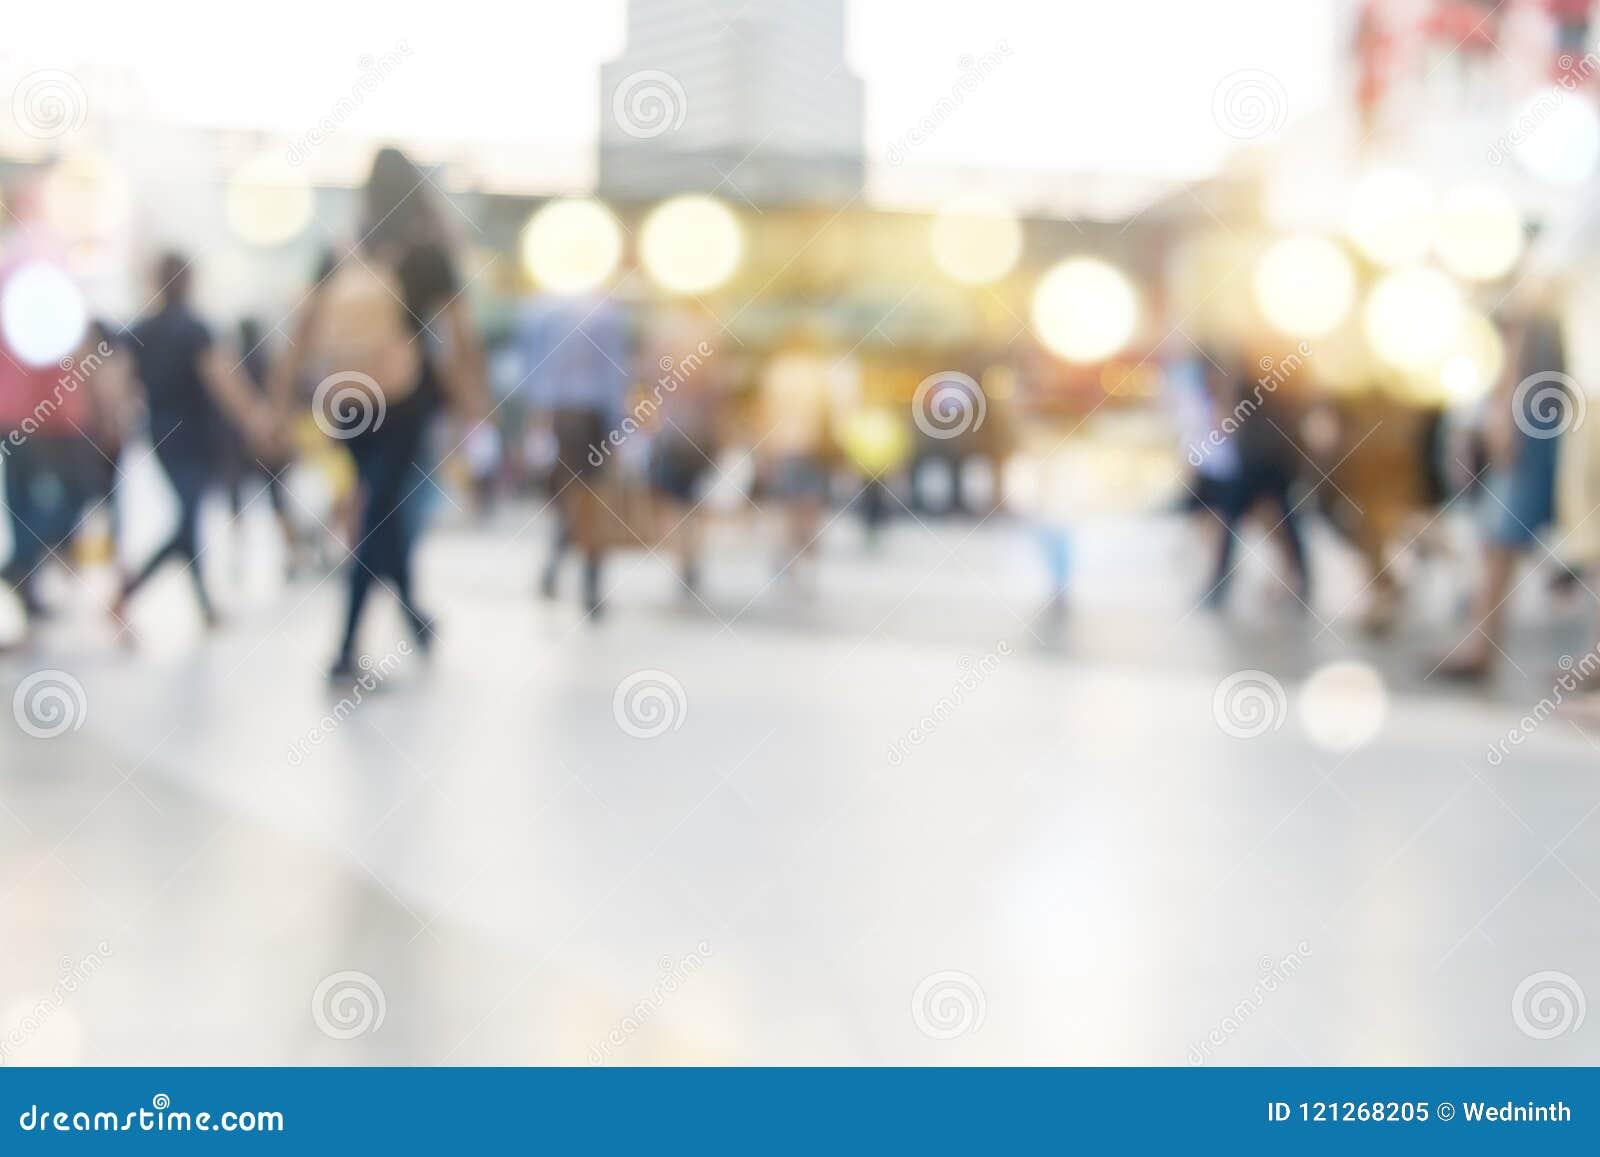 Action de tache floue de fond d abrégé sur foule de citadins